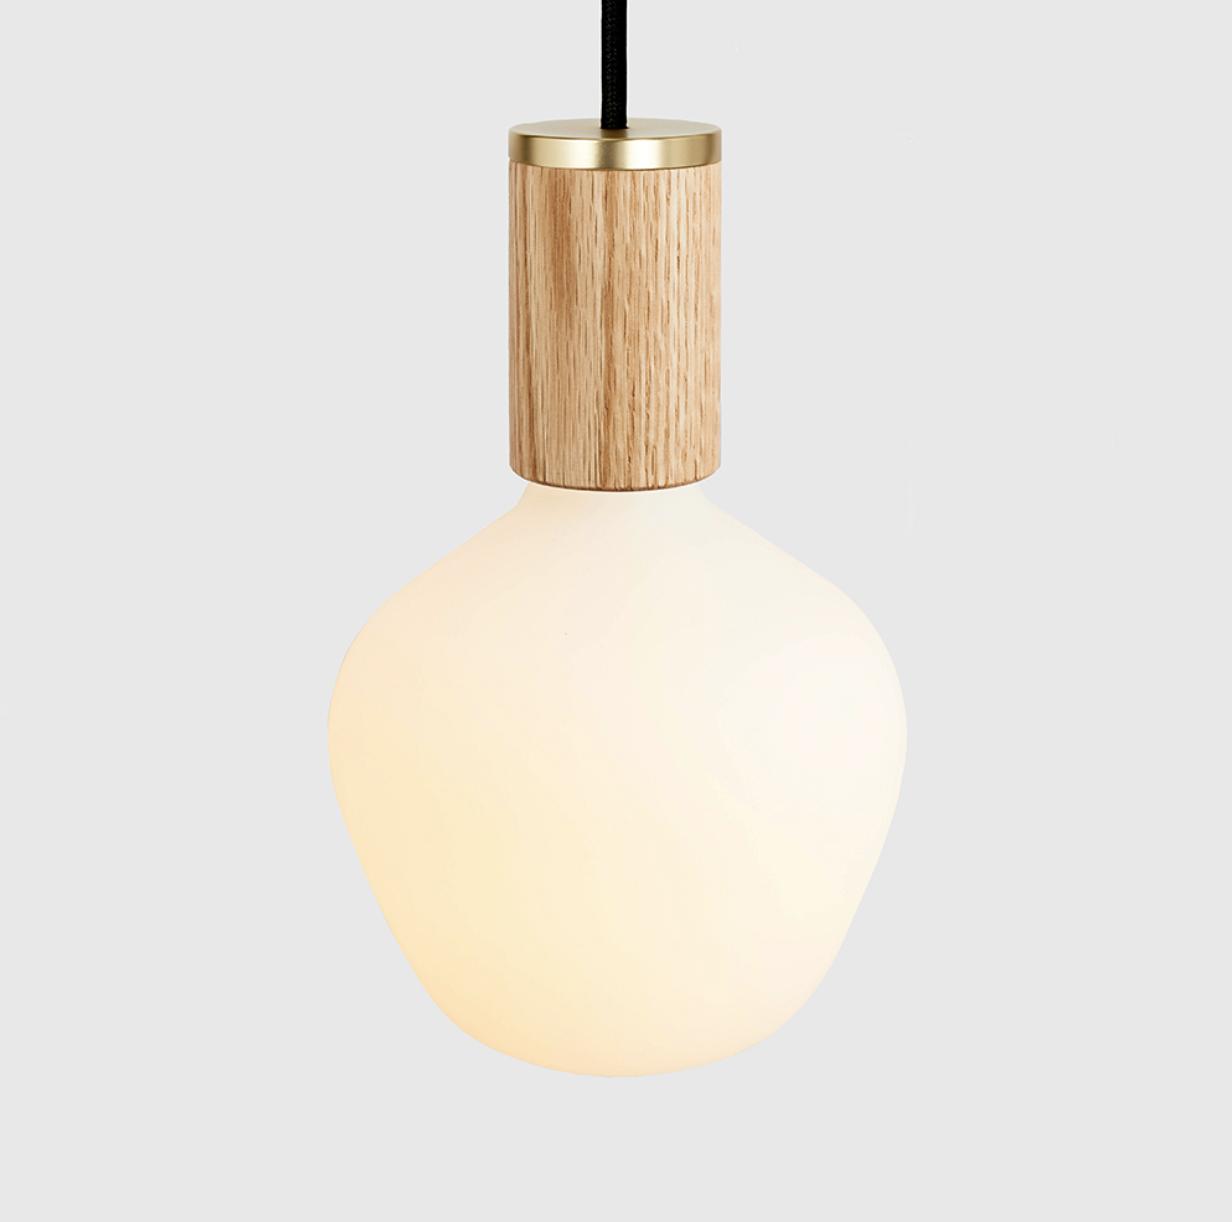 Enno Pendant Light